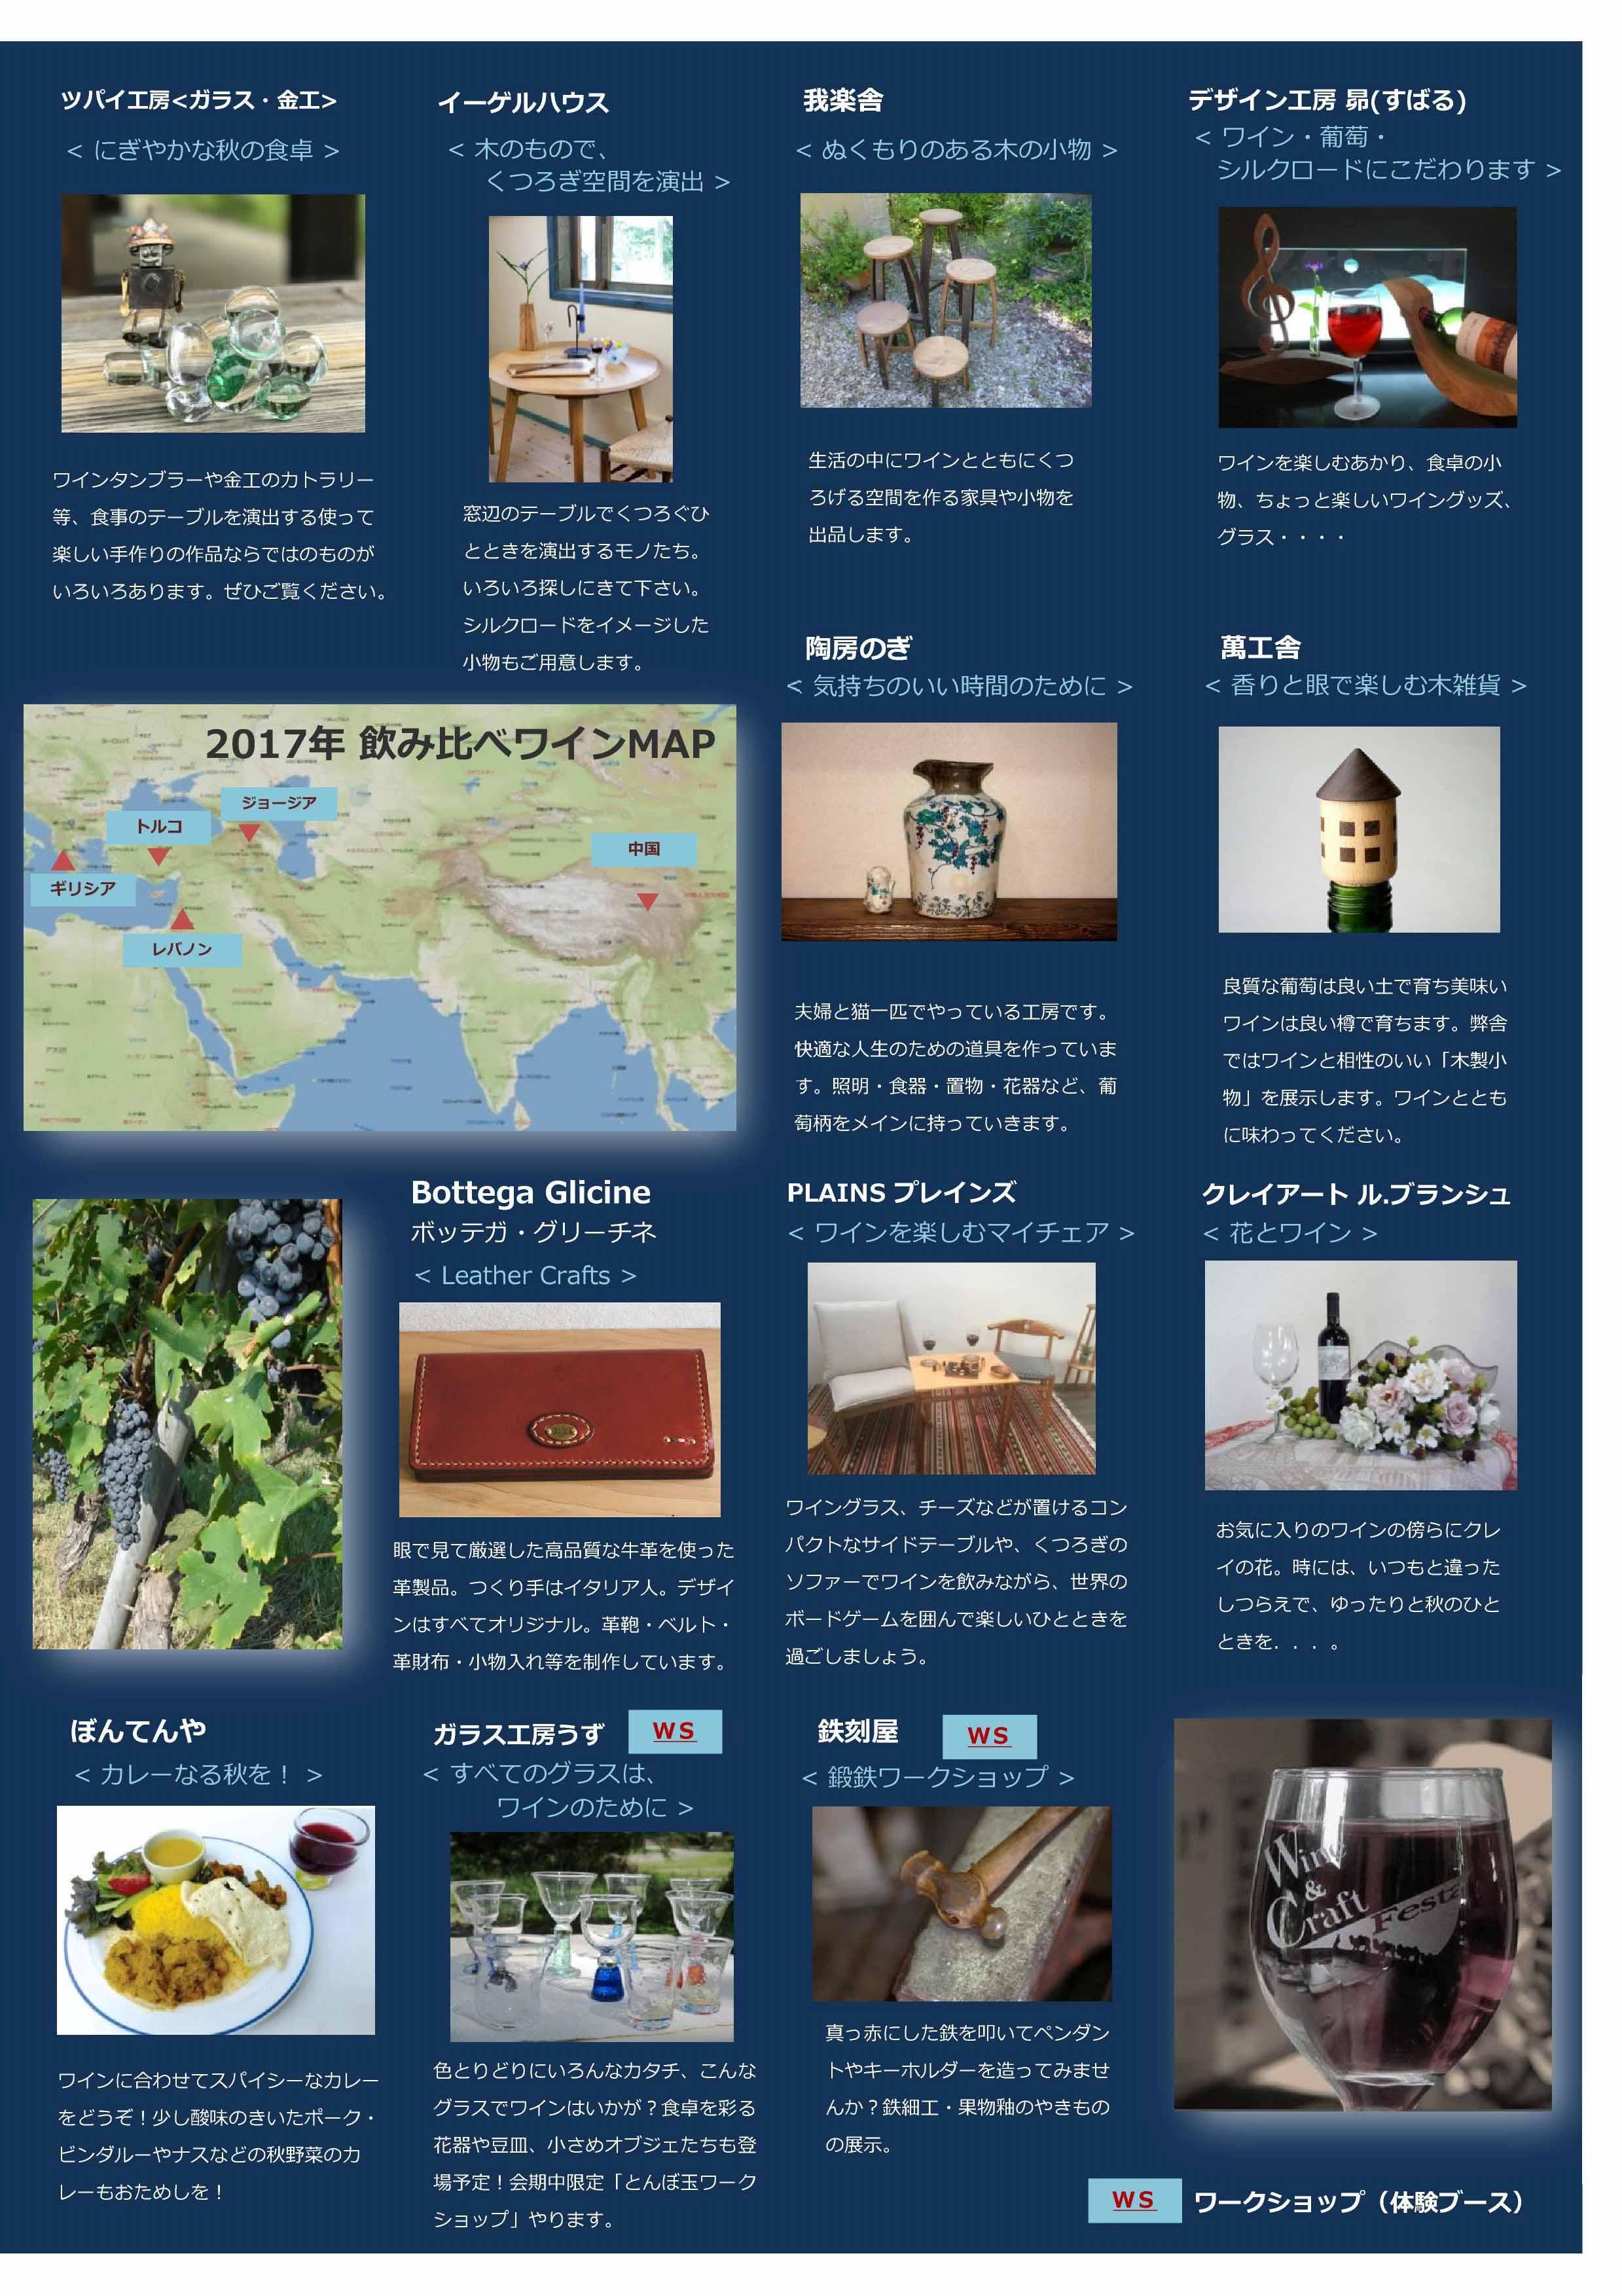 ワイン&クラフトフェスタ2017が、9/30(土)10/1(日)平山郁夫シルクロード美術館で開催